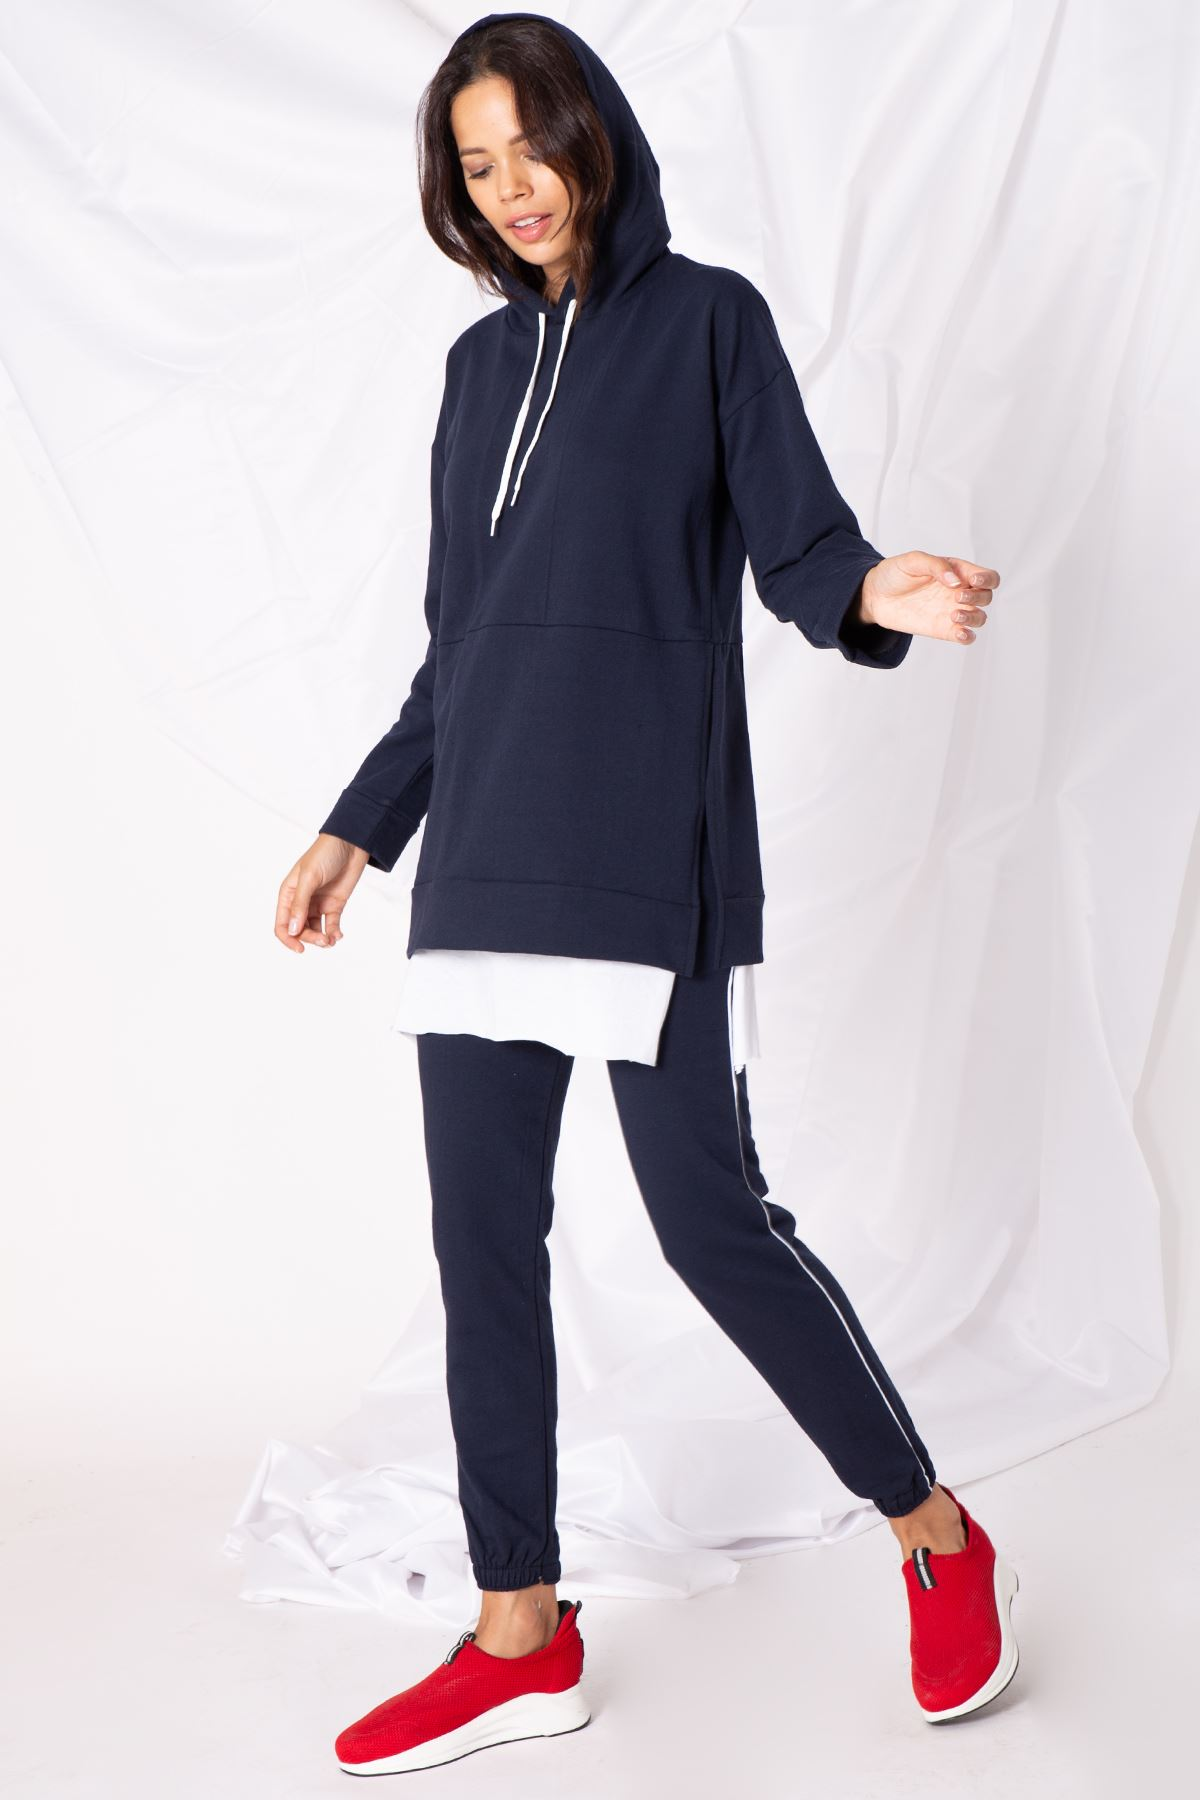 Kadın Etek Parçalı Lacivert Tunik Takım